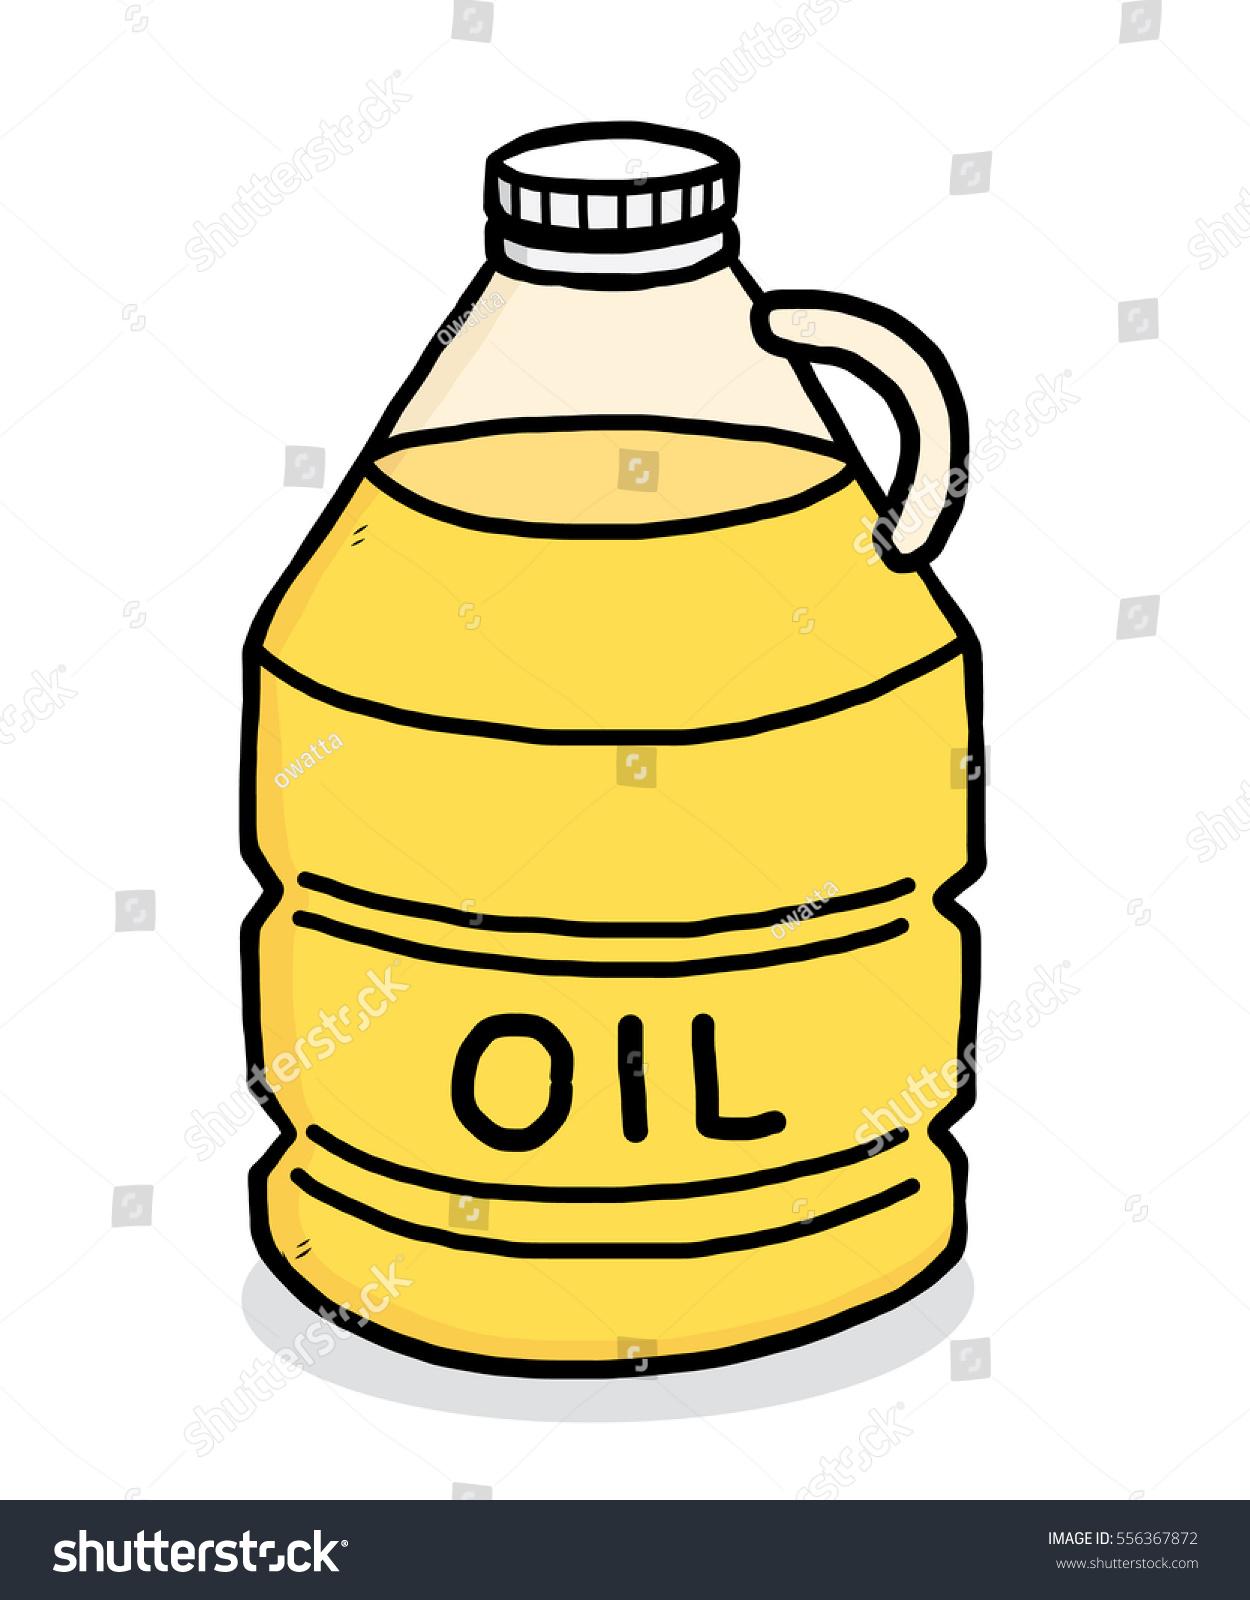 Vegetable Oil Bottle Clipart.